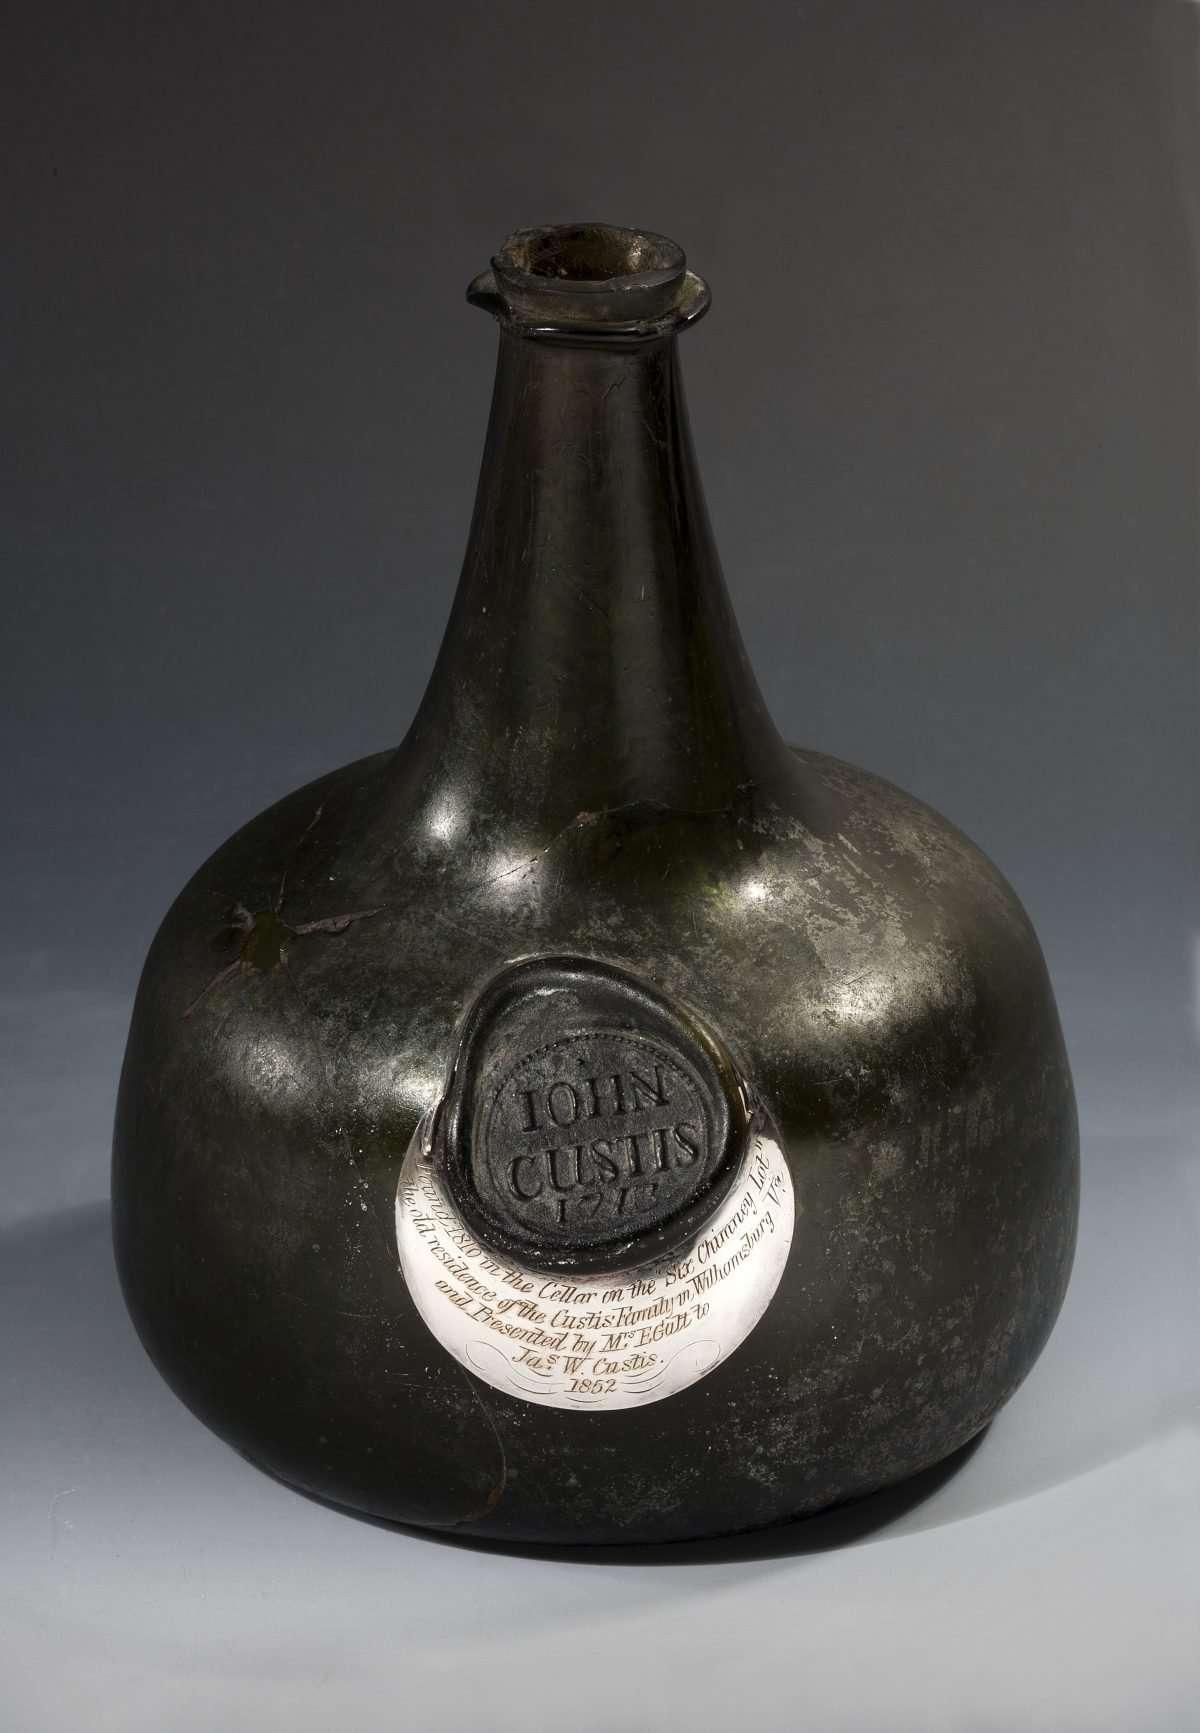 John Custis's Wine Bottle